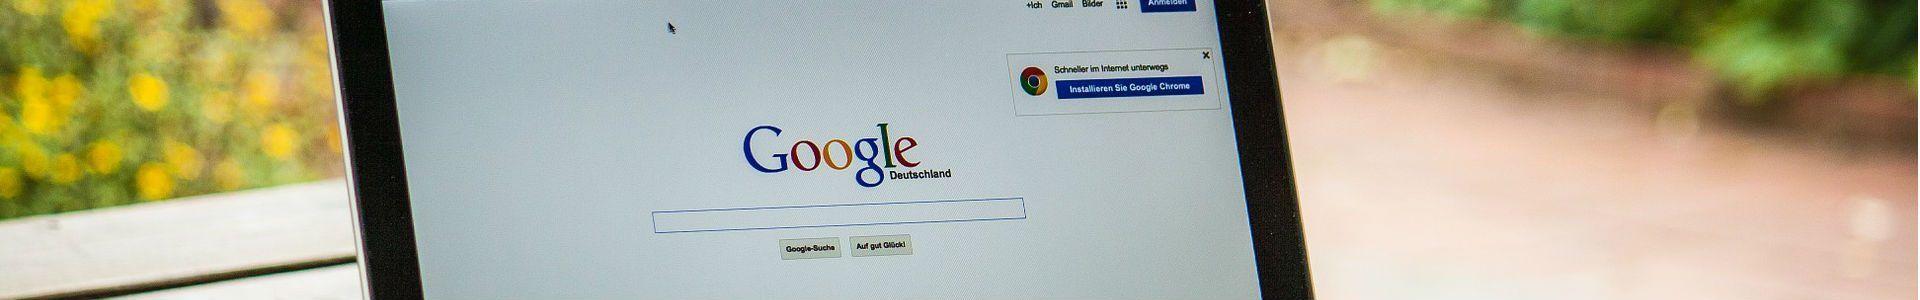 Google Duitsland inzetten voor jouw bedrijf zoekmachine marketing over de grens